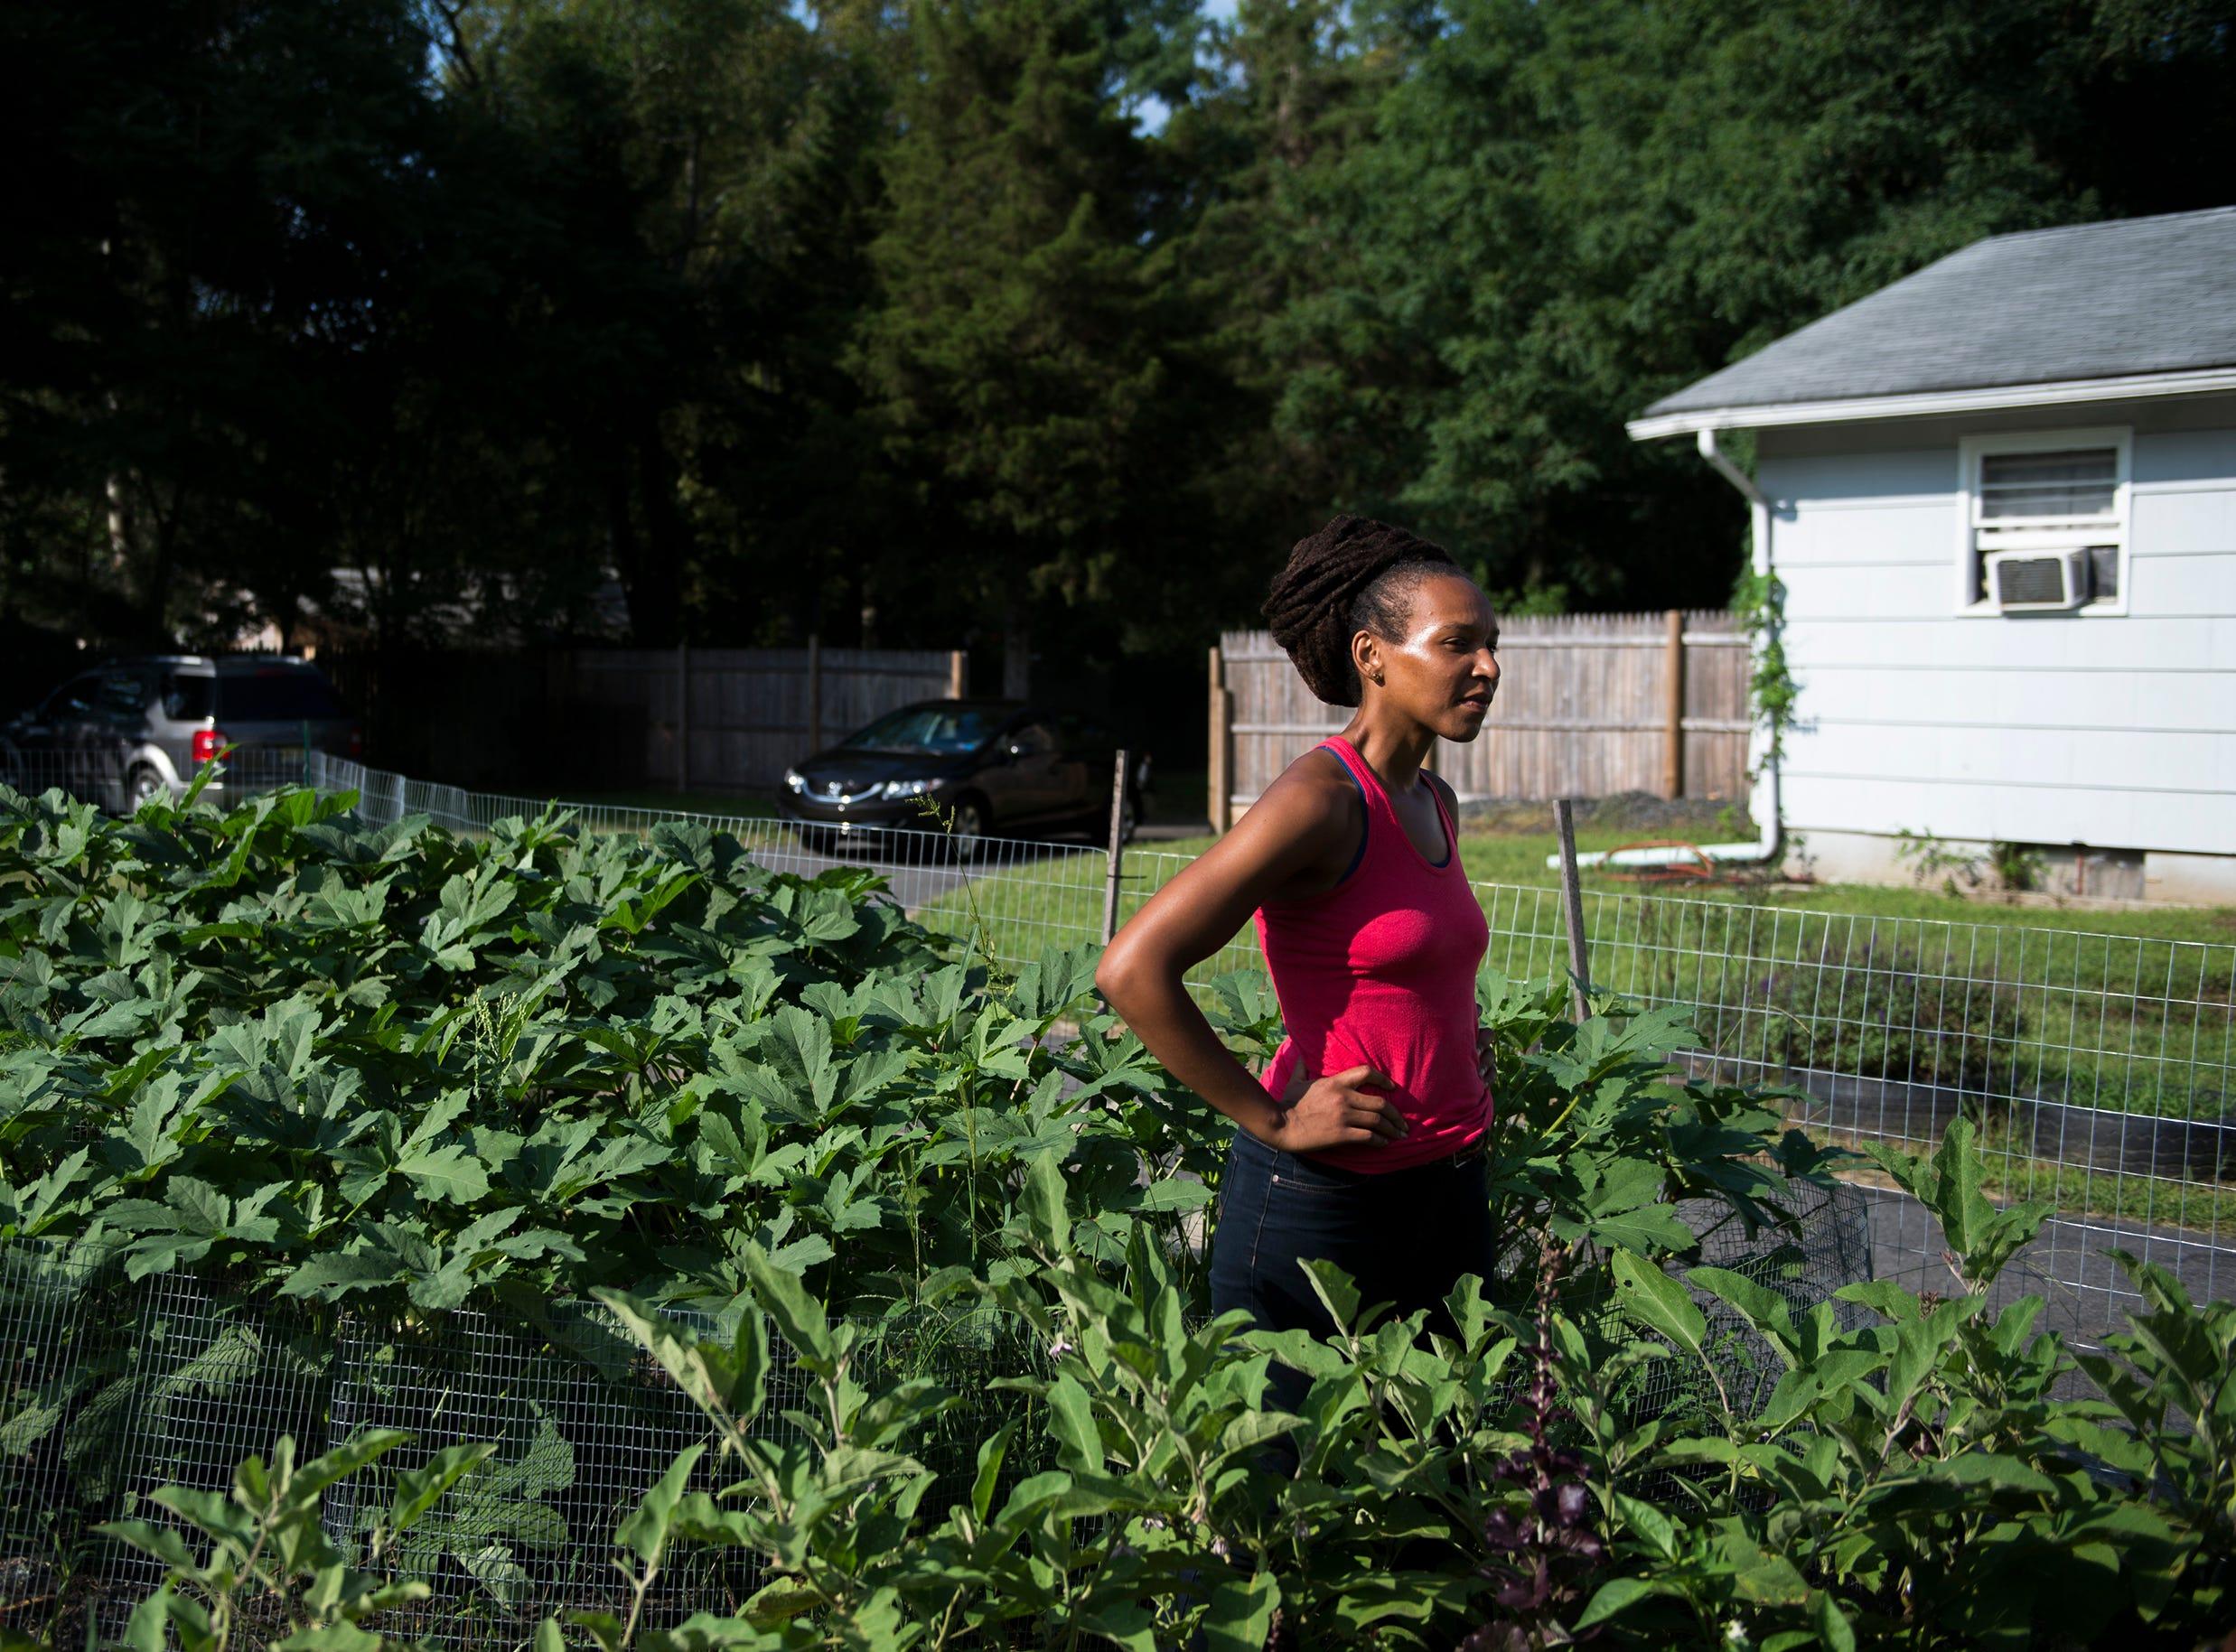 Dr. Cynthia Hall on her farm Thursday, Aug. 23, 2018 in Lawnside, N.J.